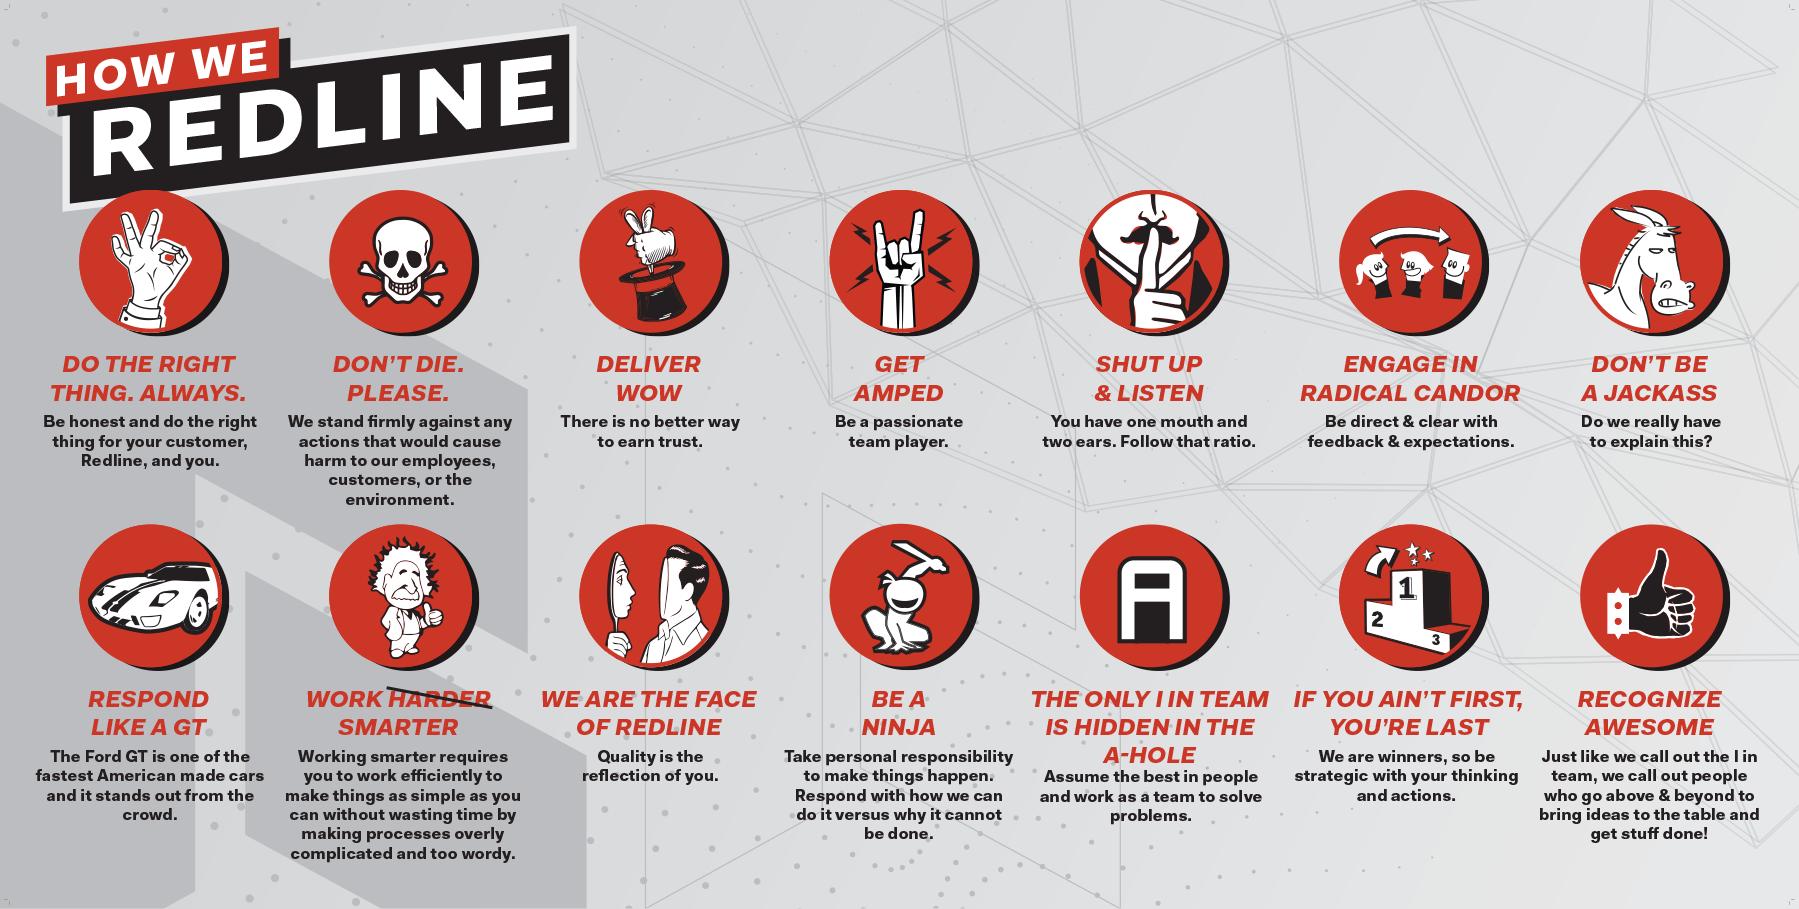 Redline Plastics Cultural Behaviors Graphic